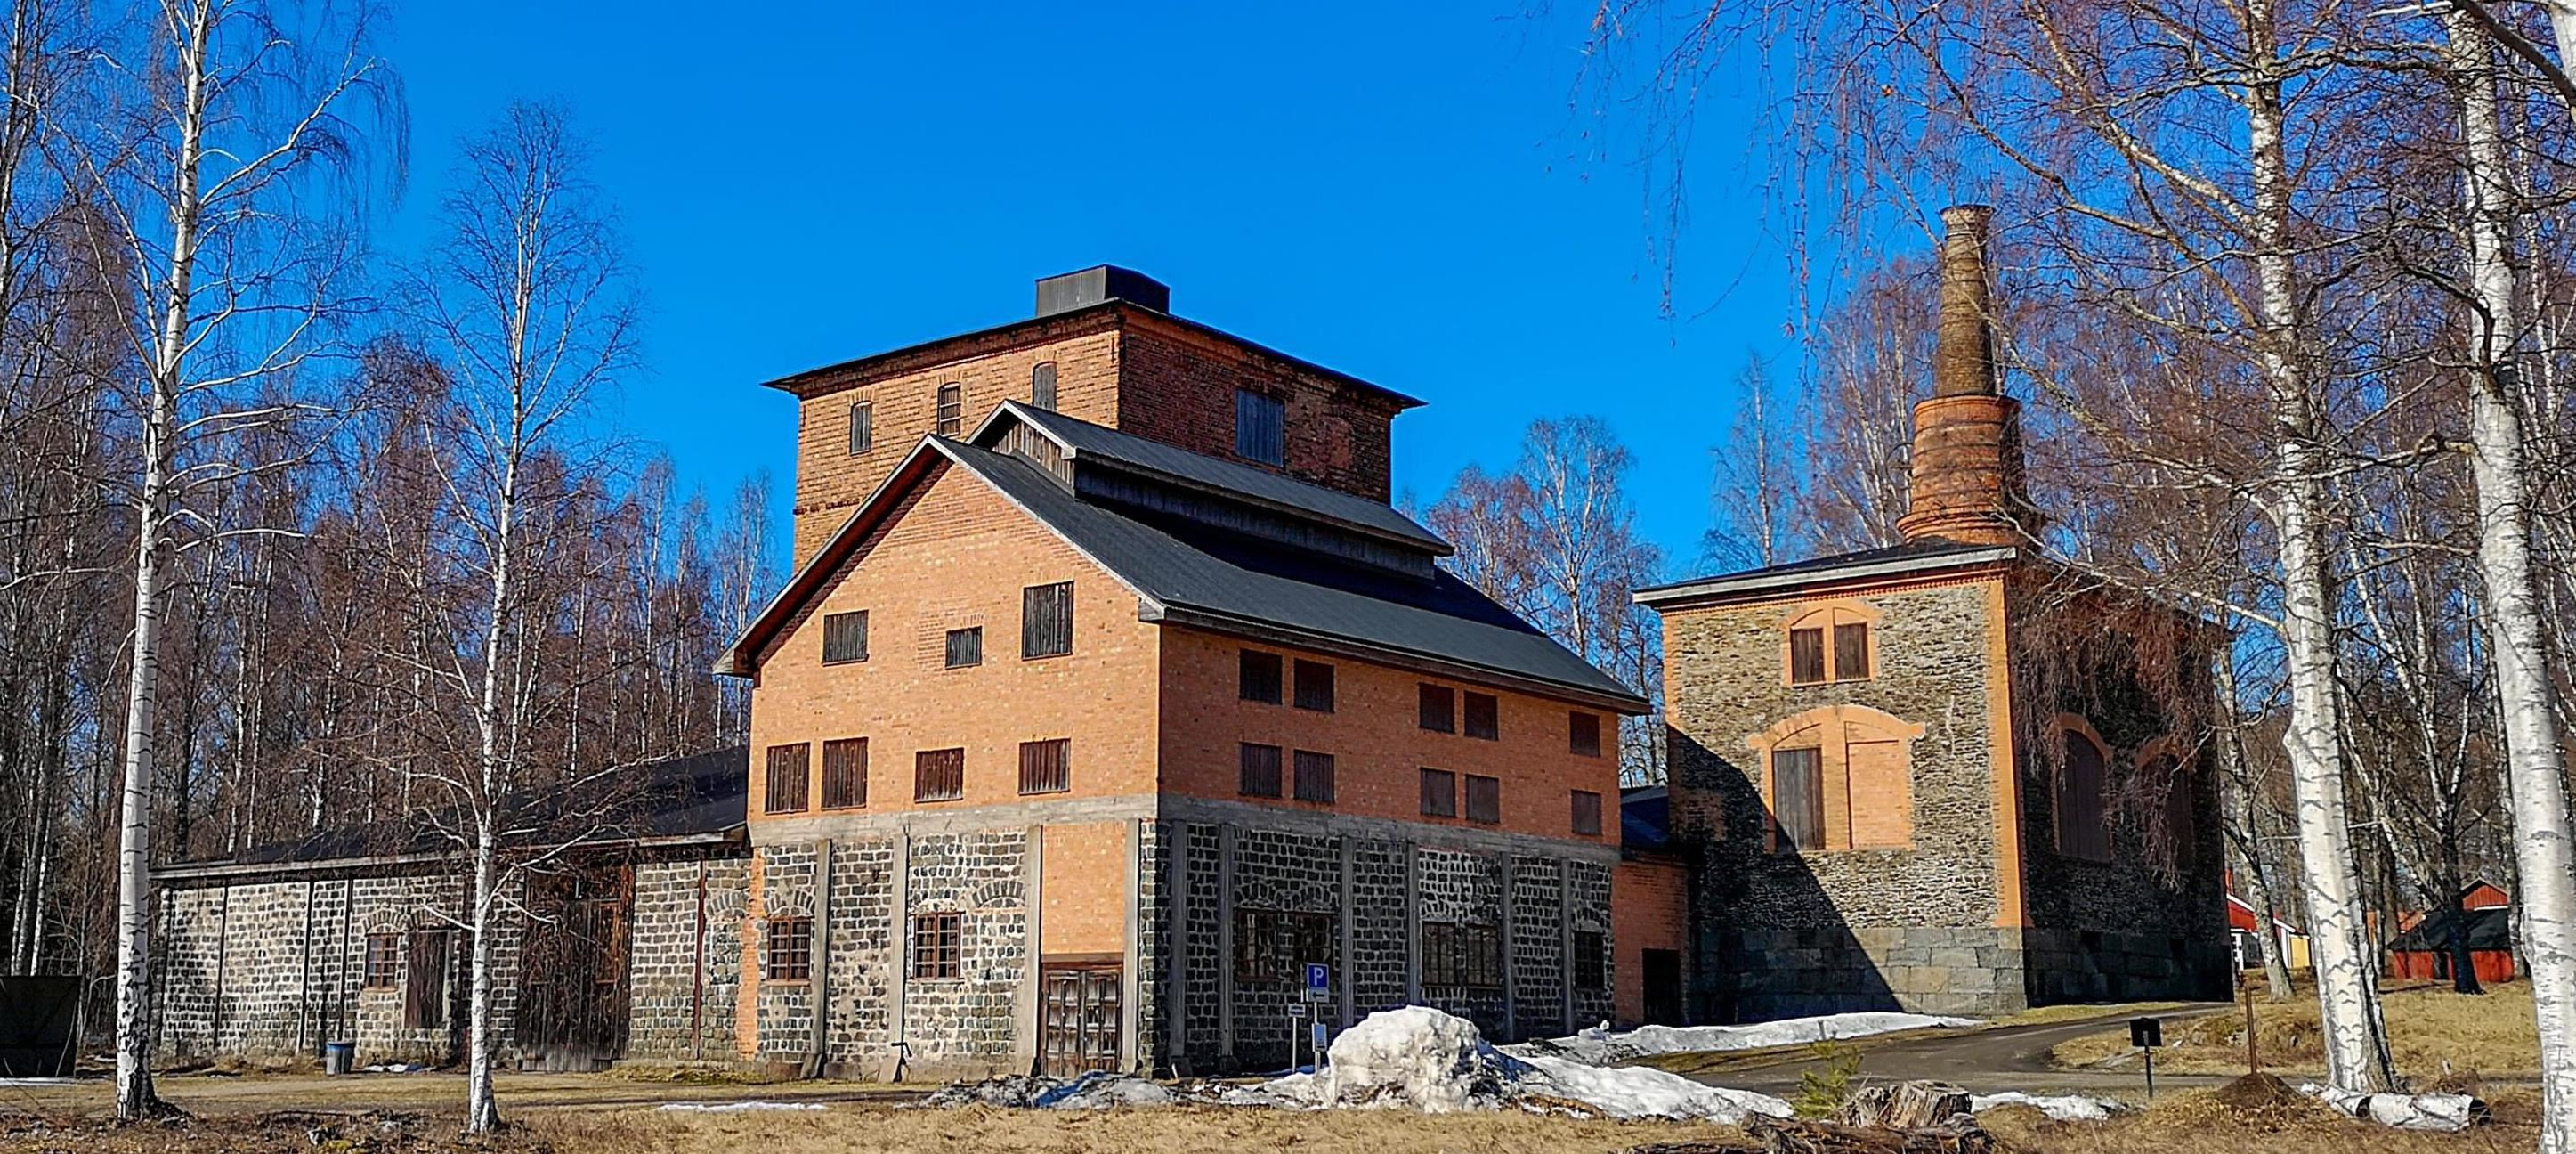 Annika Aja Axlund,  © Annika Aja Axlund, Axmar bruk